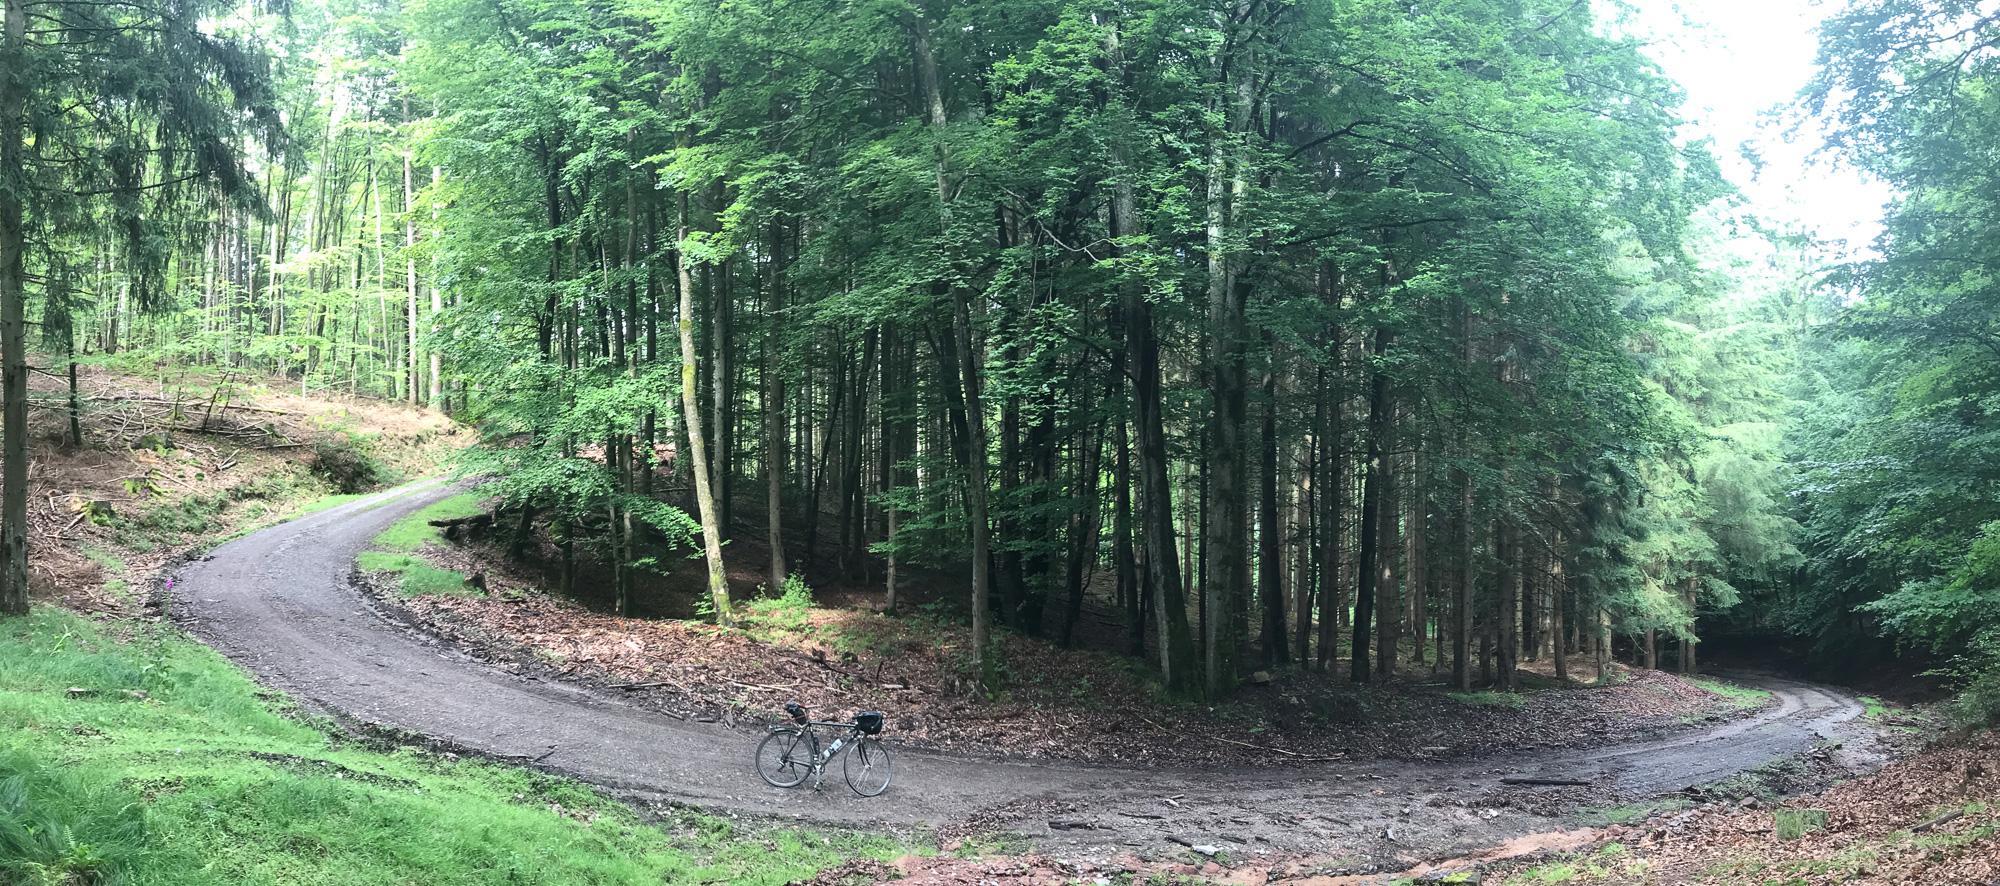 Haarnadelkurve mit Fahrrad im Wald, Panorama aus vier Handy-Fotos